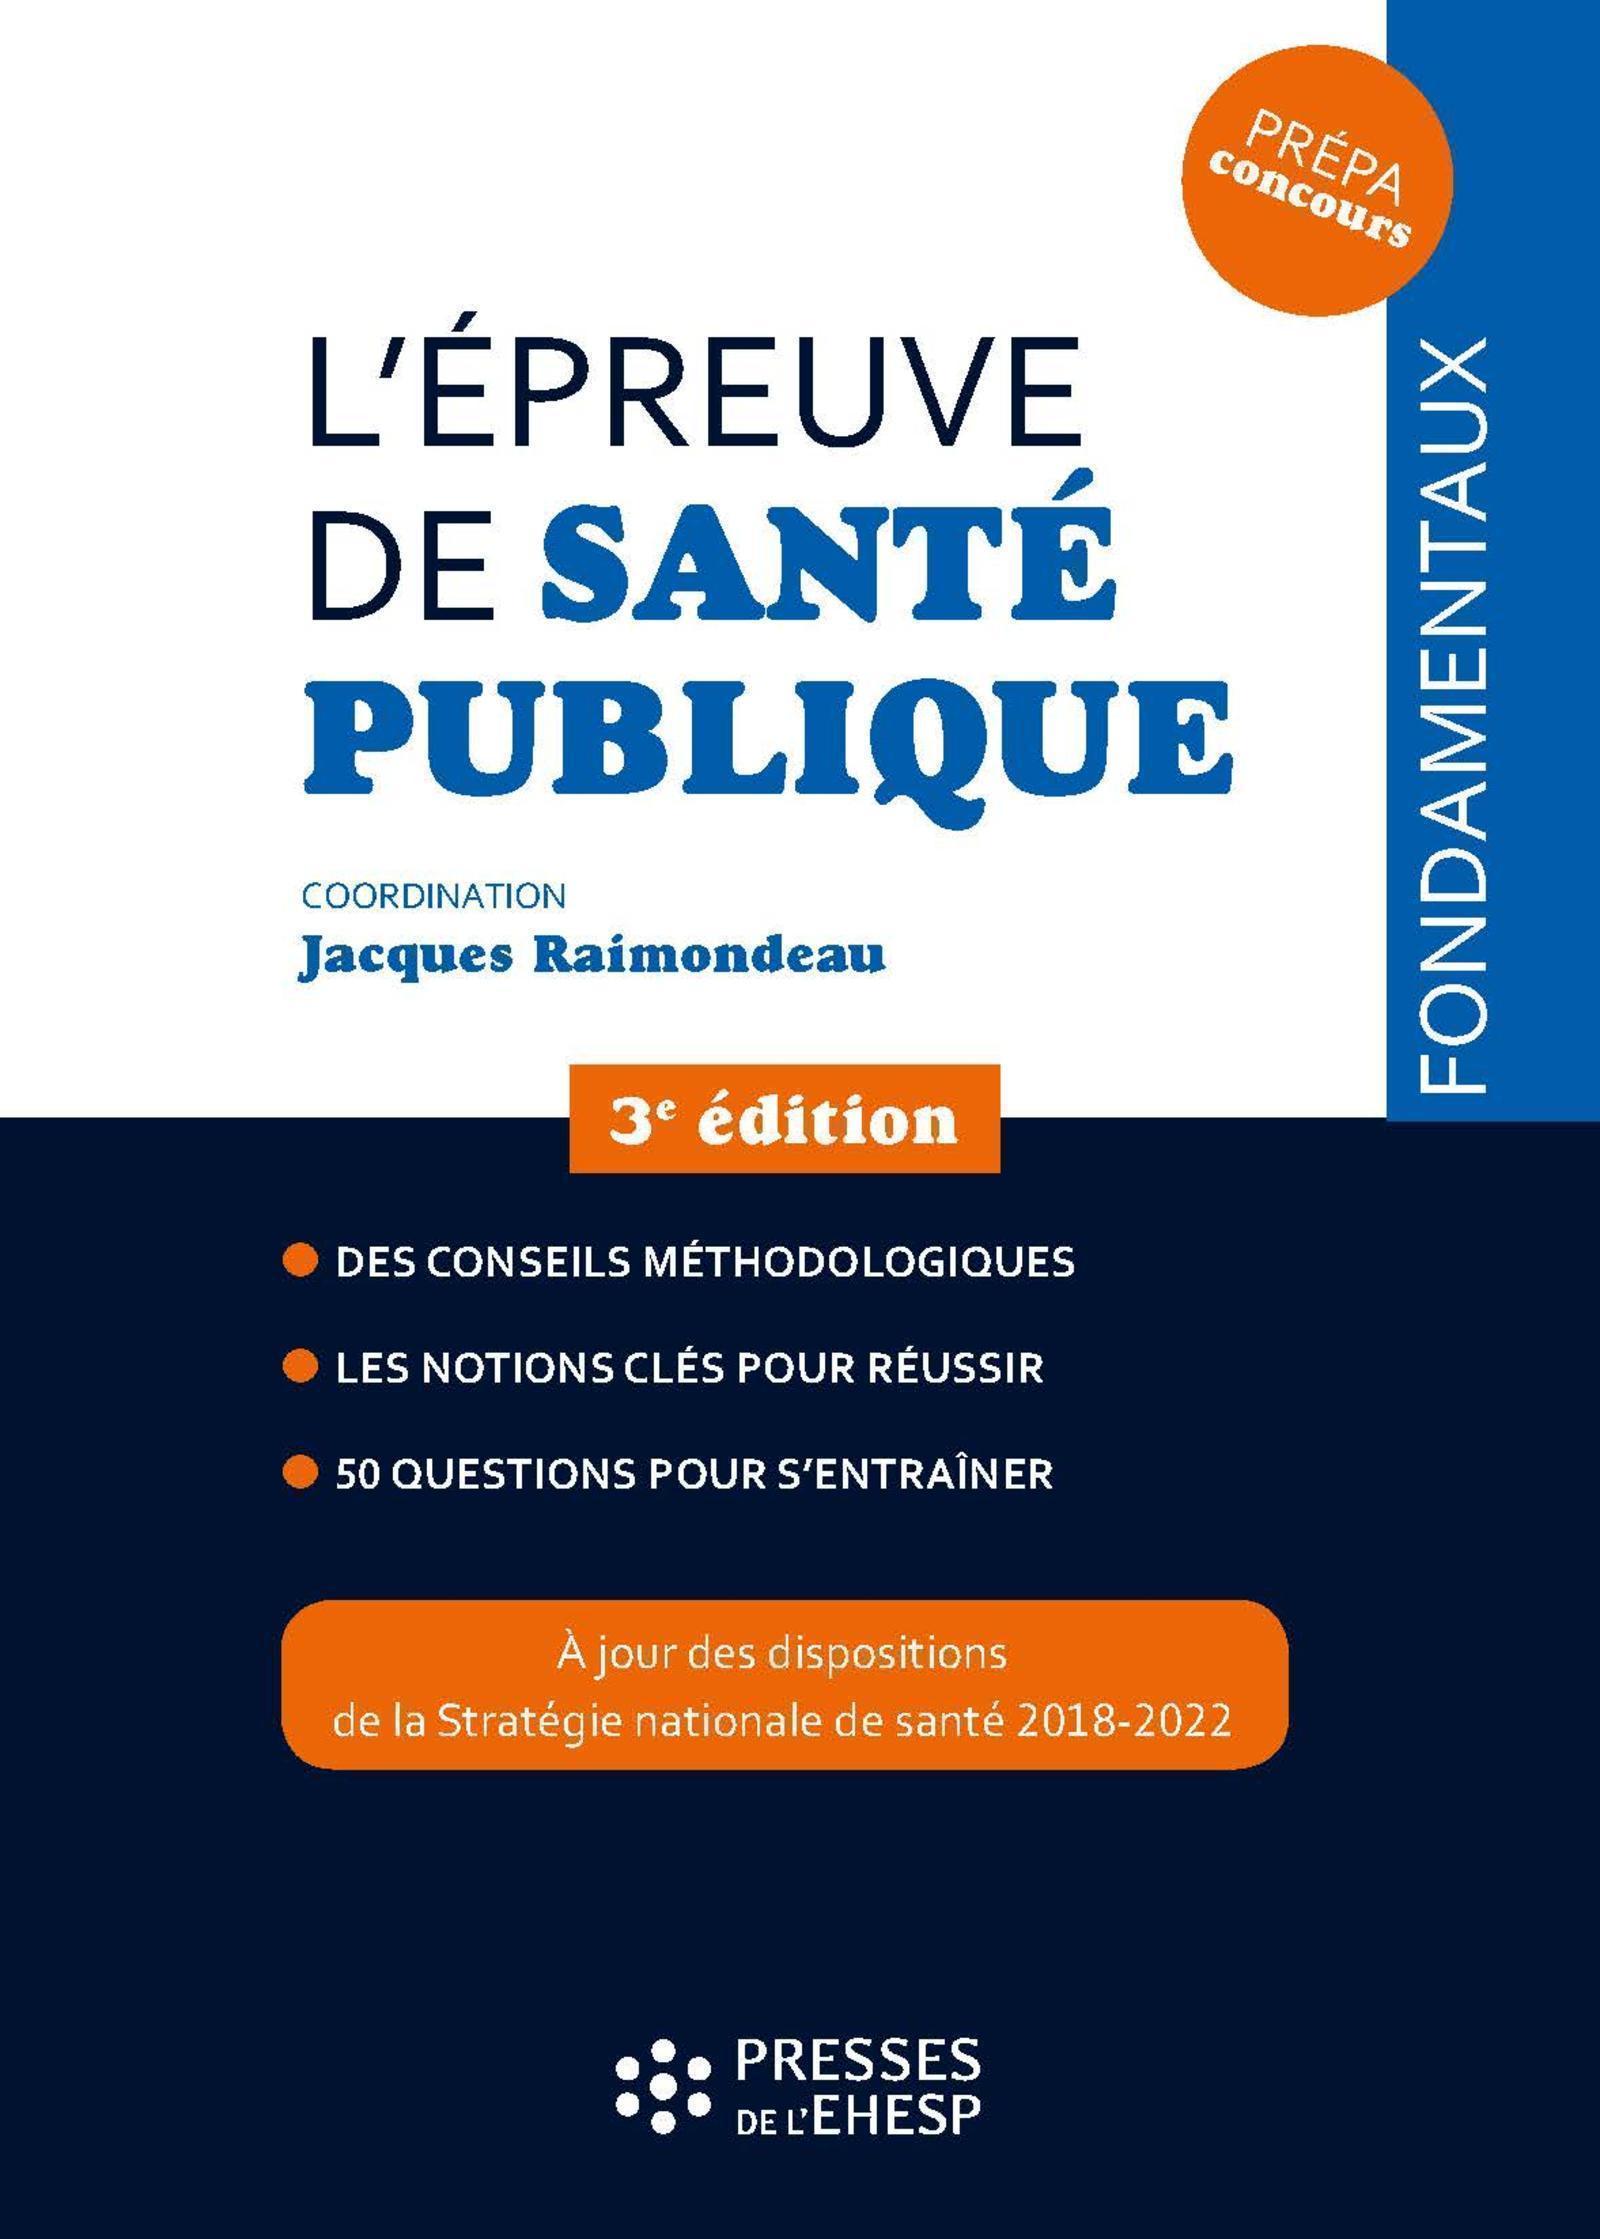 L EPREUVE DE SANTE PUBLIQUE - DES CONSEILS METHODOLOGIQUES  LES NOTIONS CLES POUR REUSSIR  50 QUESTI